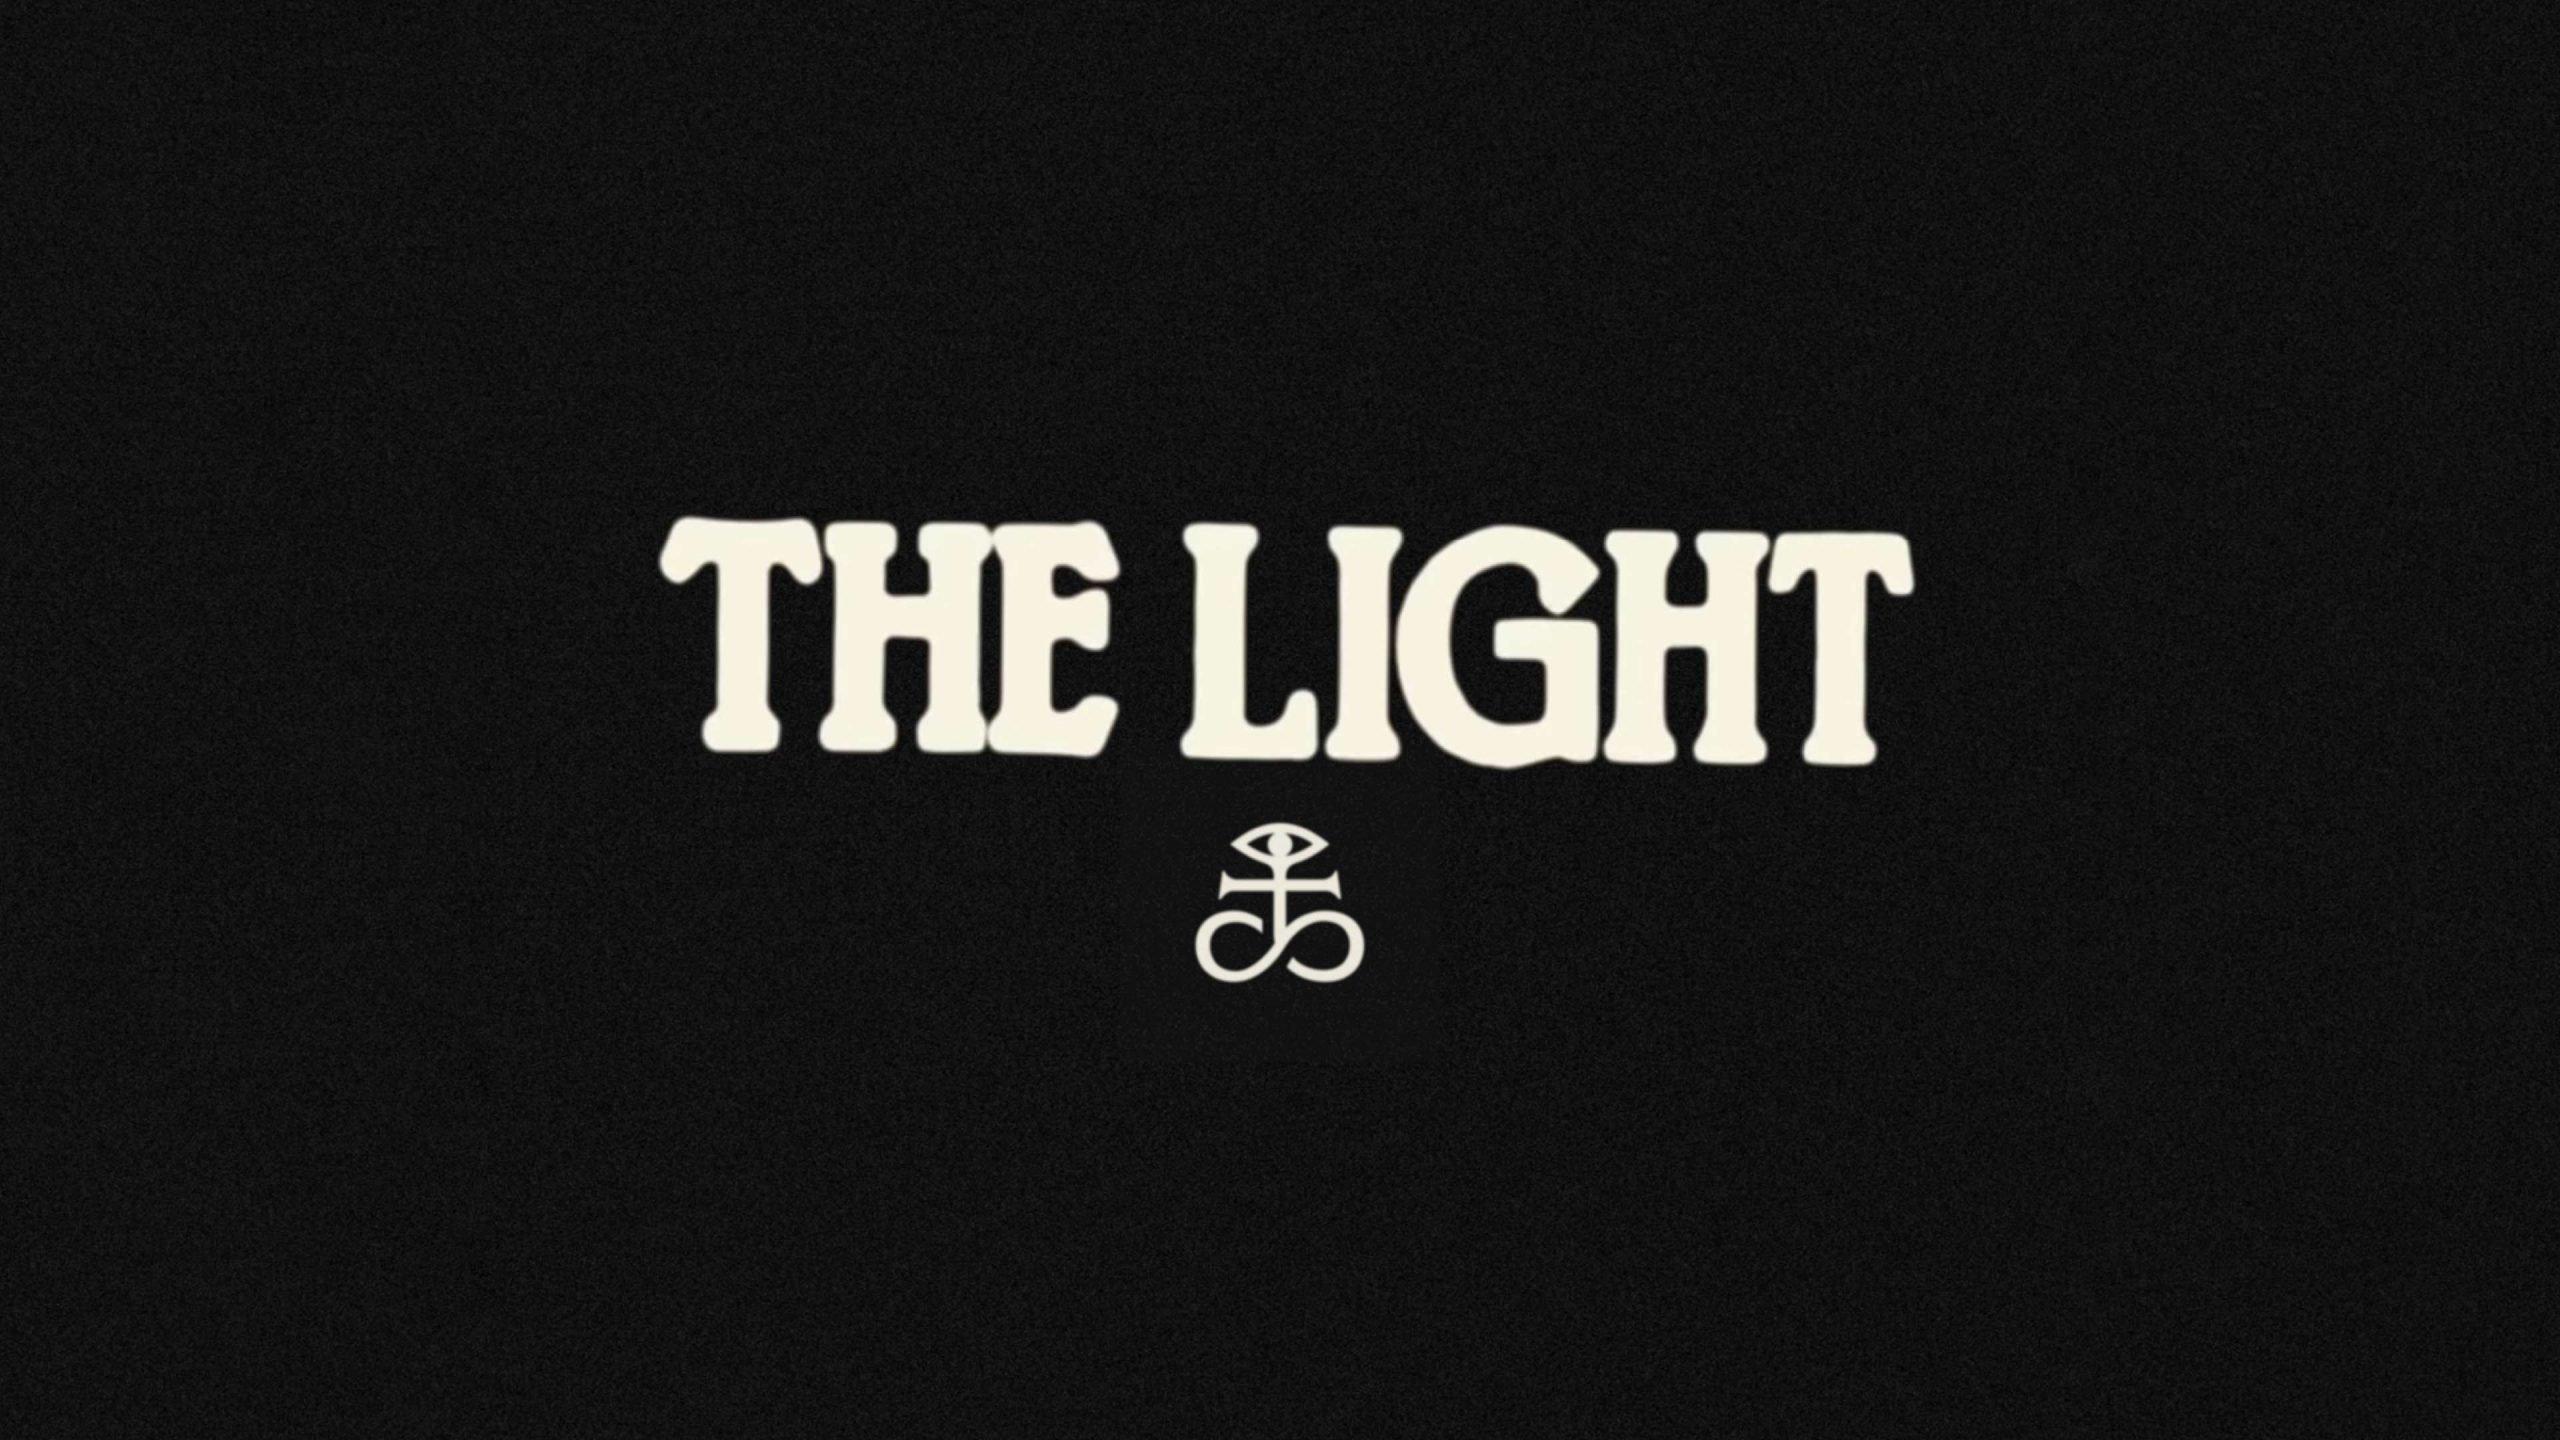 JOEY-BADASS-THE-LIGHT-PACK-logo-01